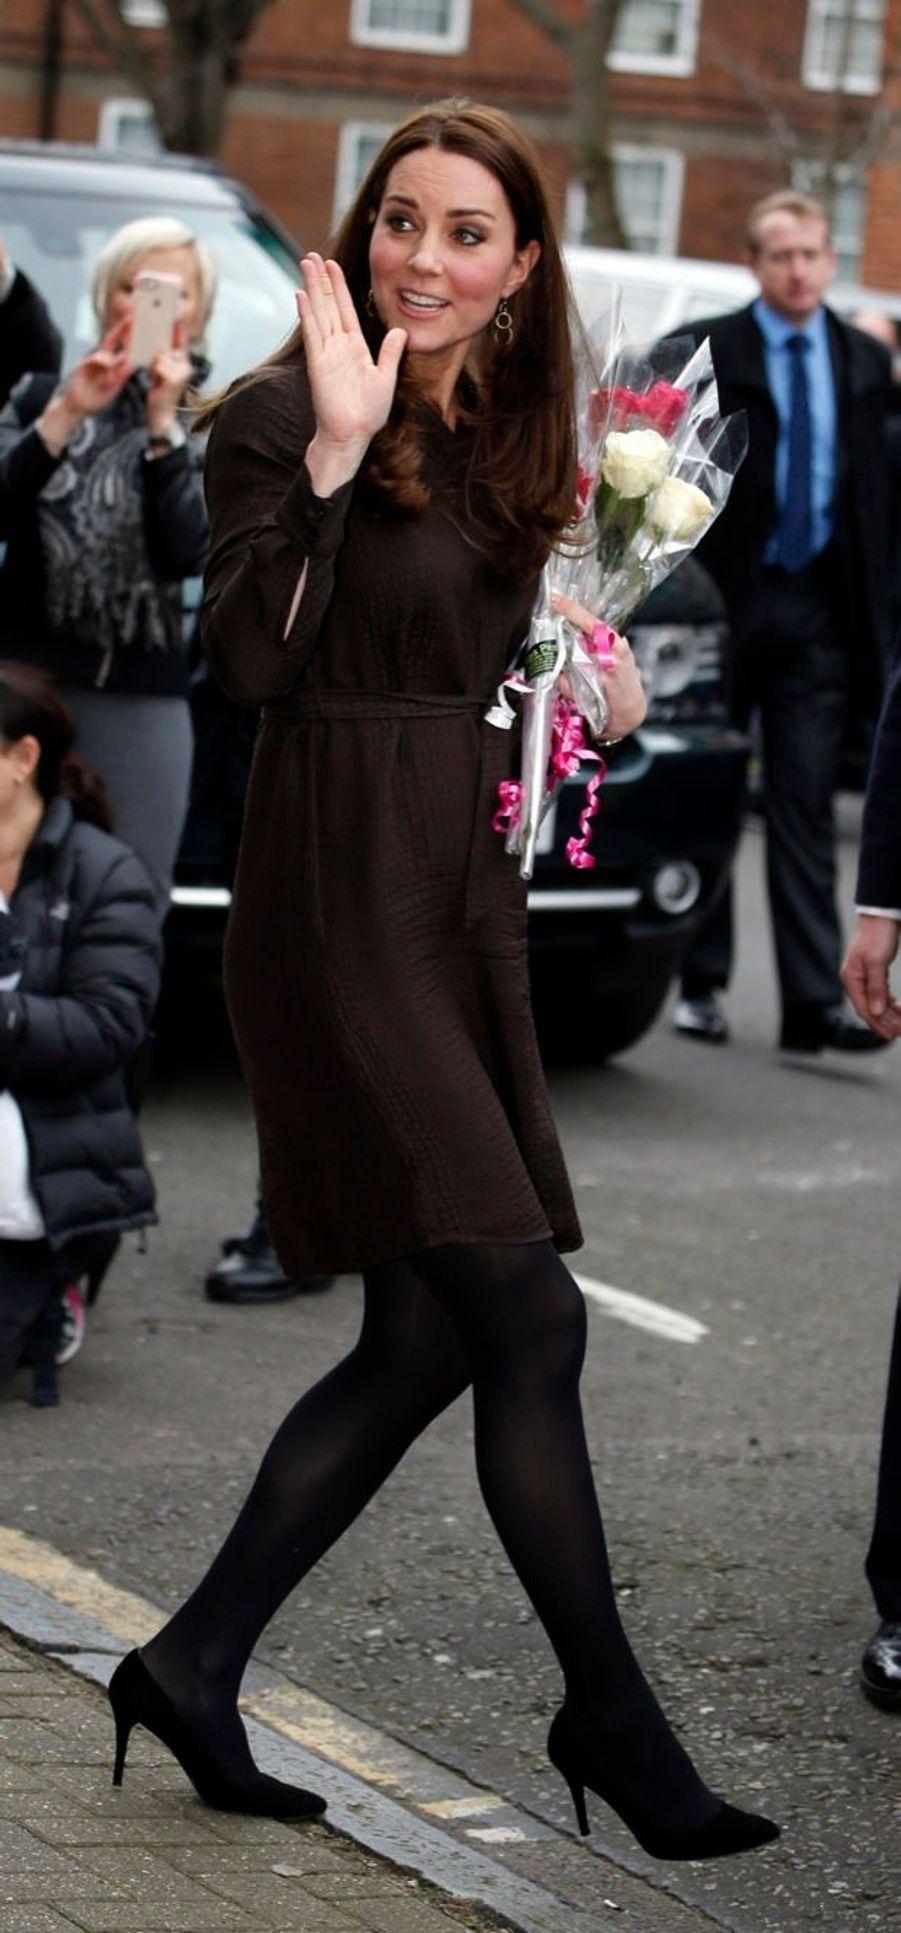 37 La Duchesse De Cambridge, Née Kate Middleton, En Visite Dans Une Association De Familles D'accueil